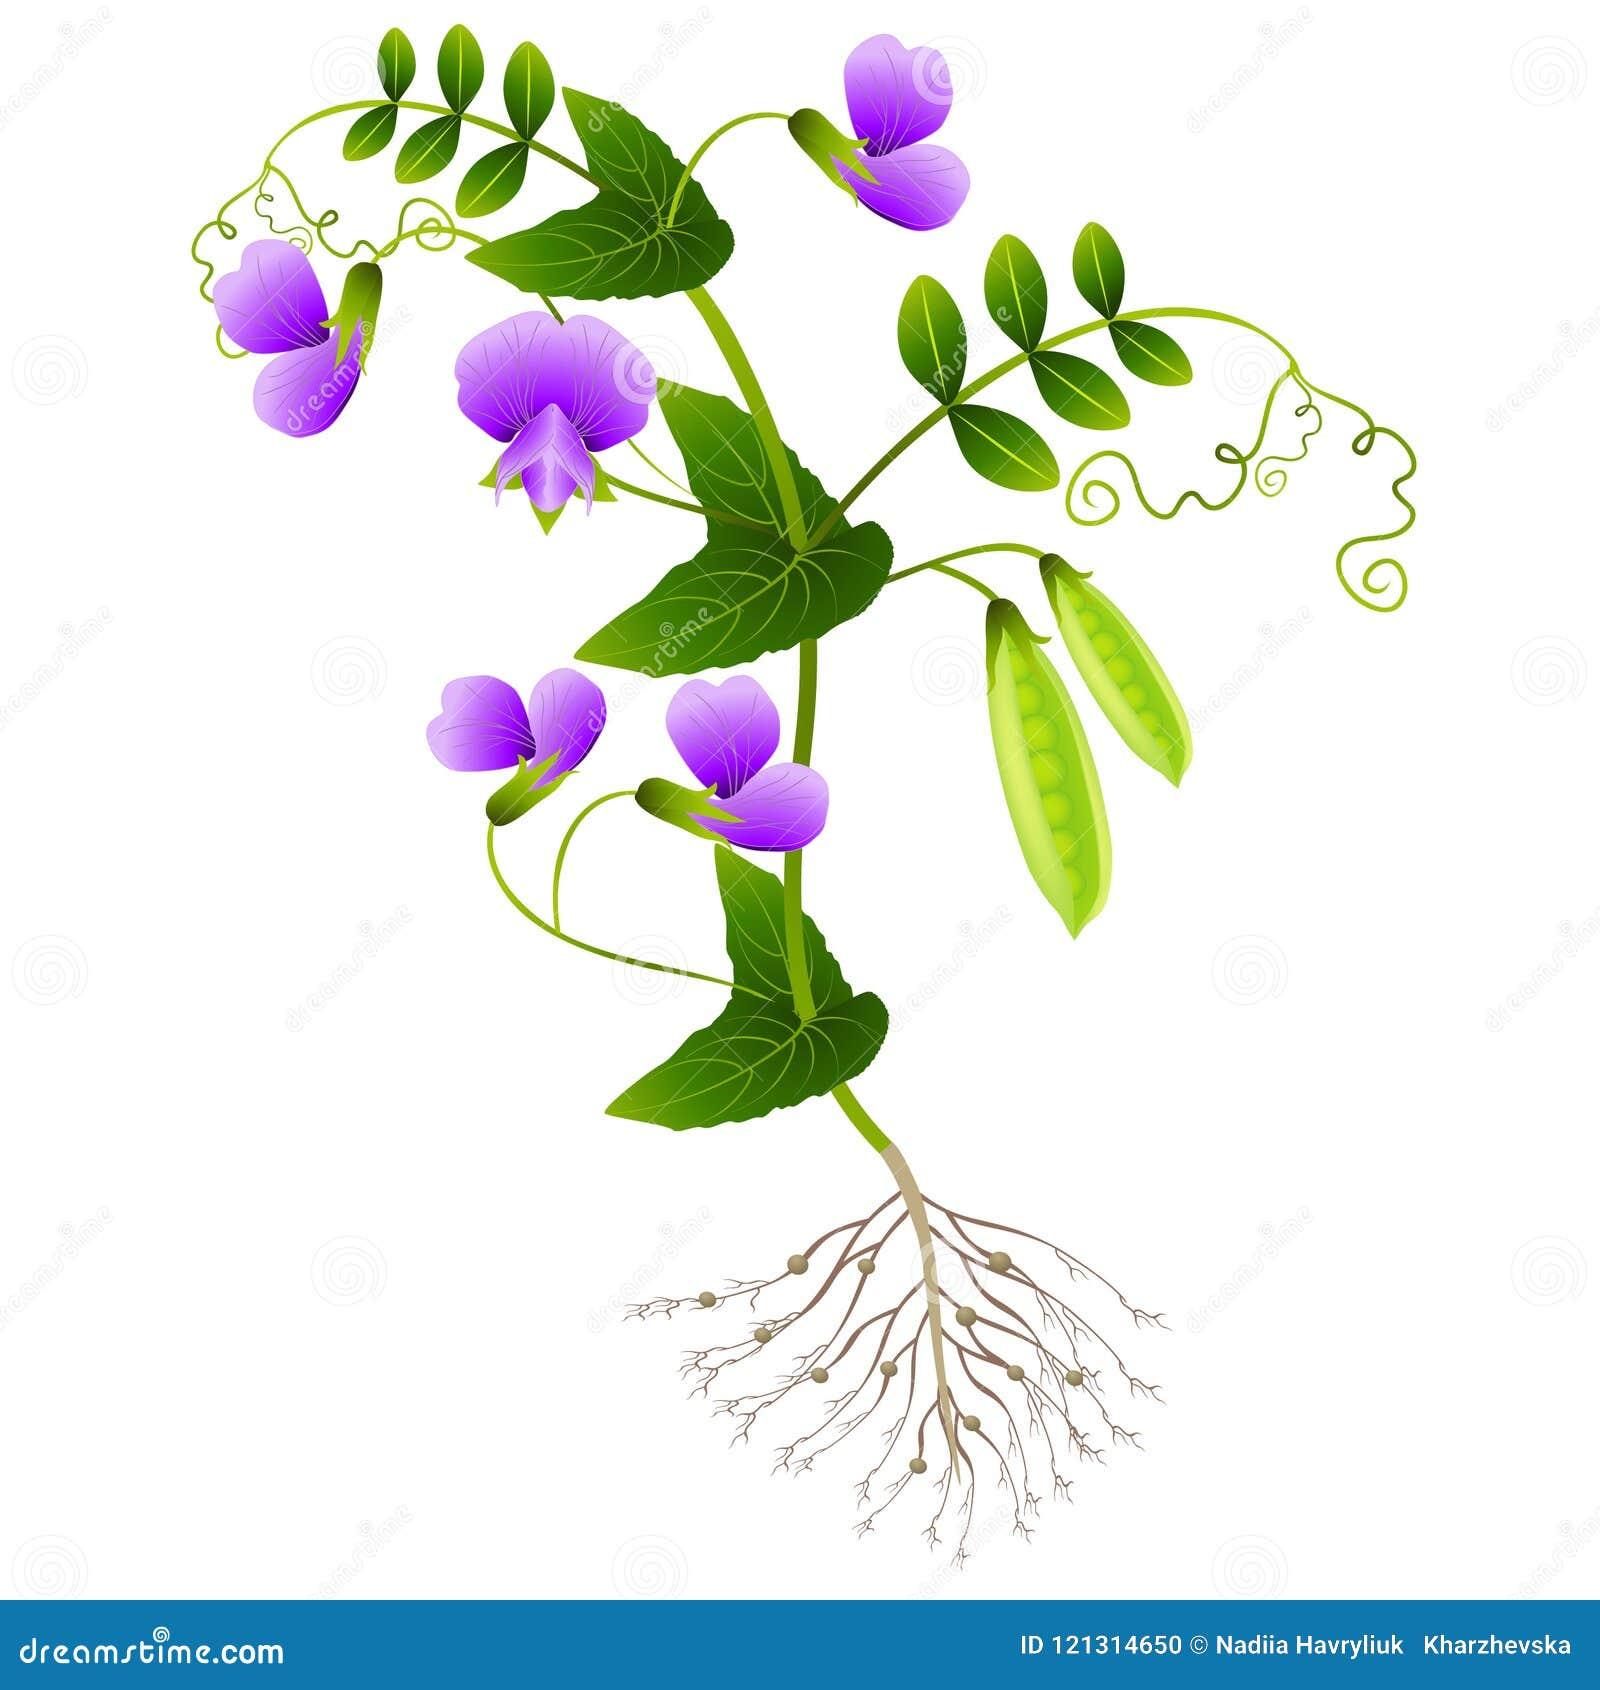 Plante ervilhas com raizes em um fundo branco